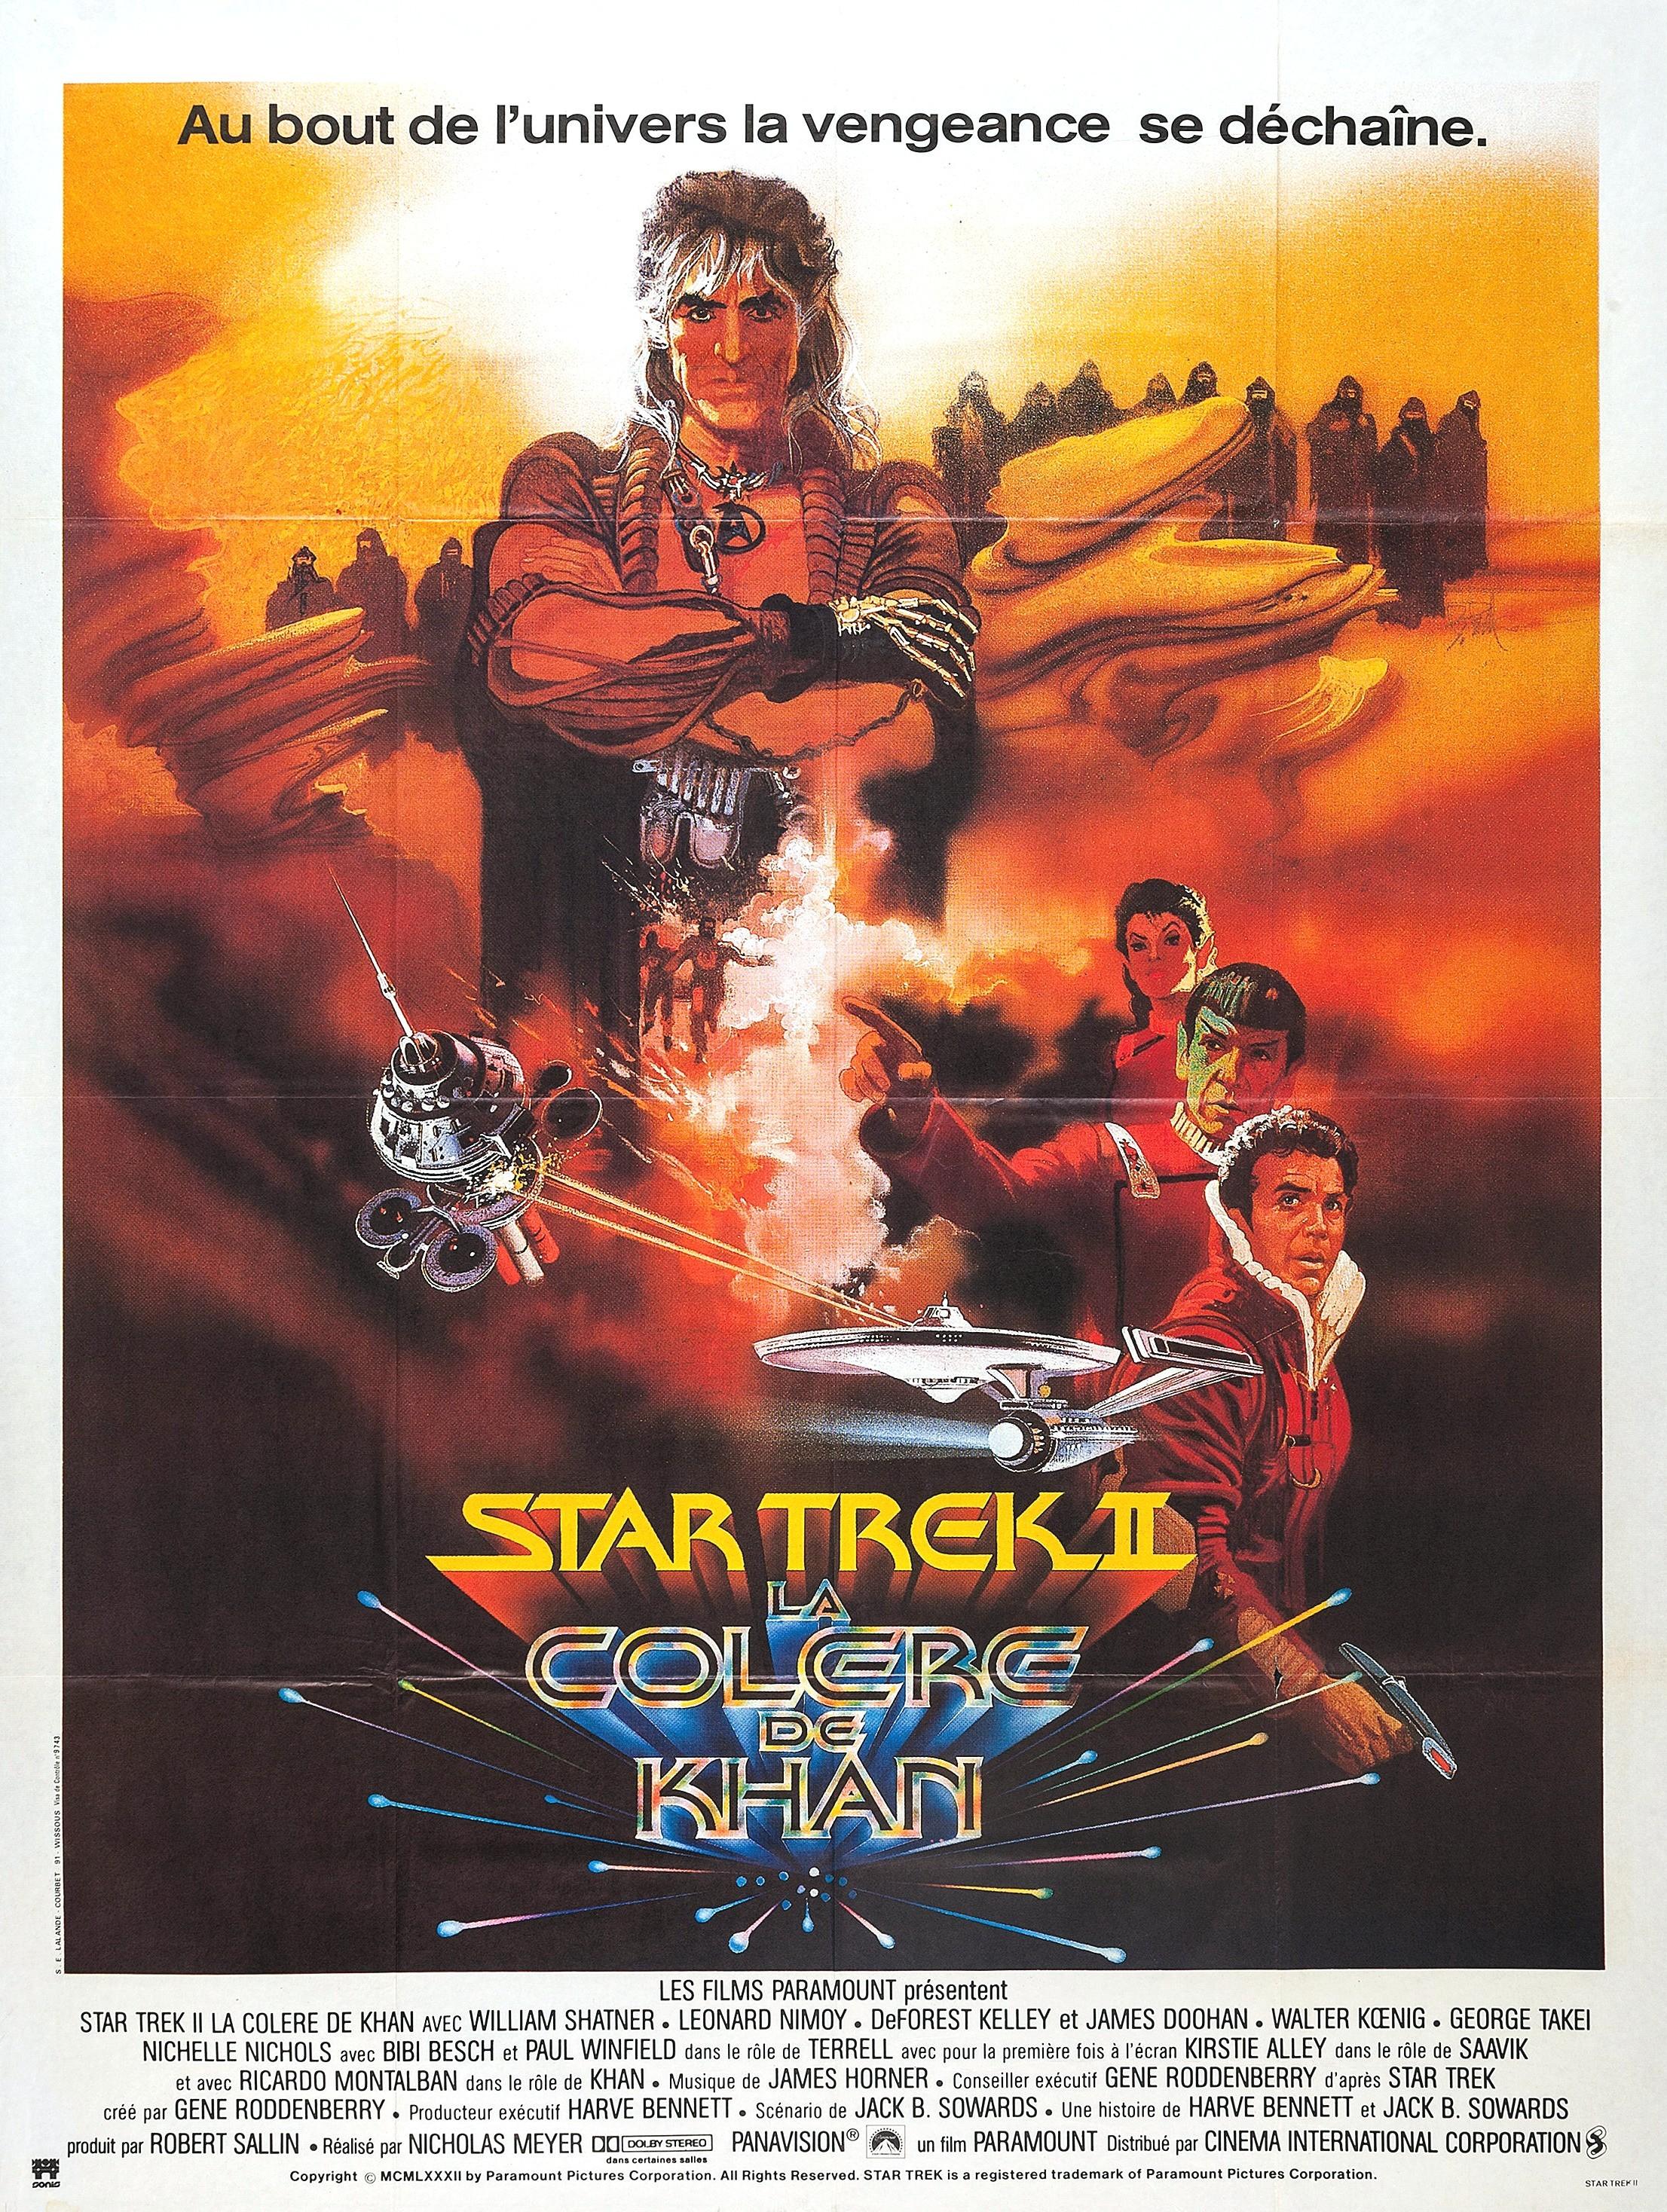 affiche du film Star Trek II : La colère de Khan